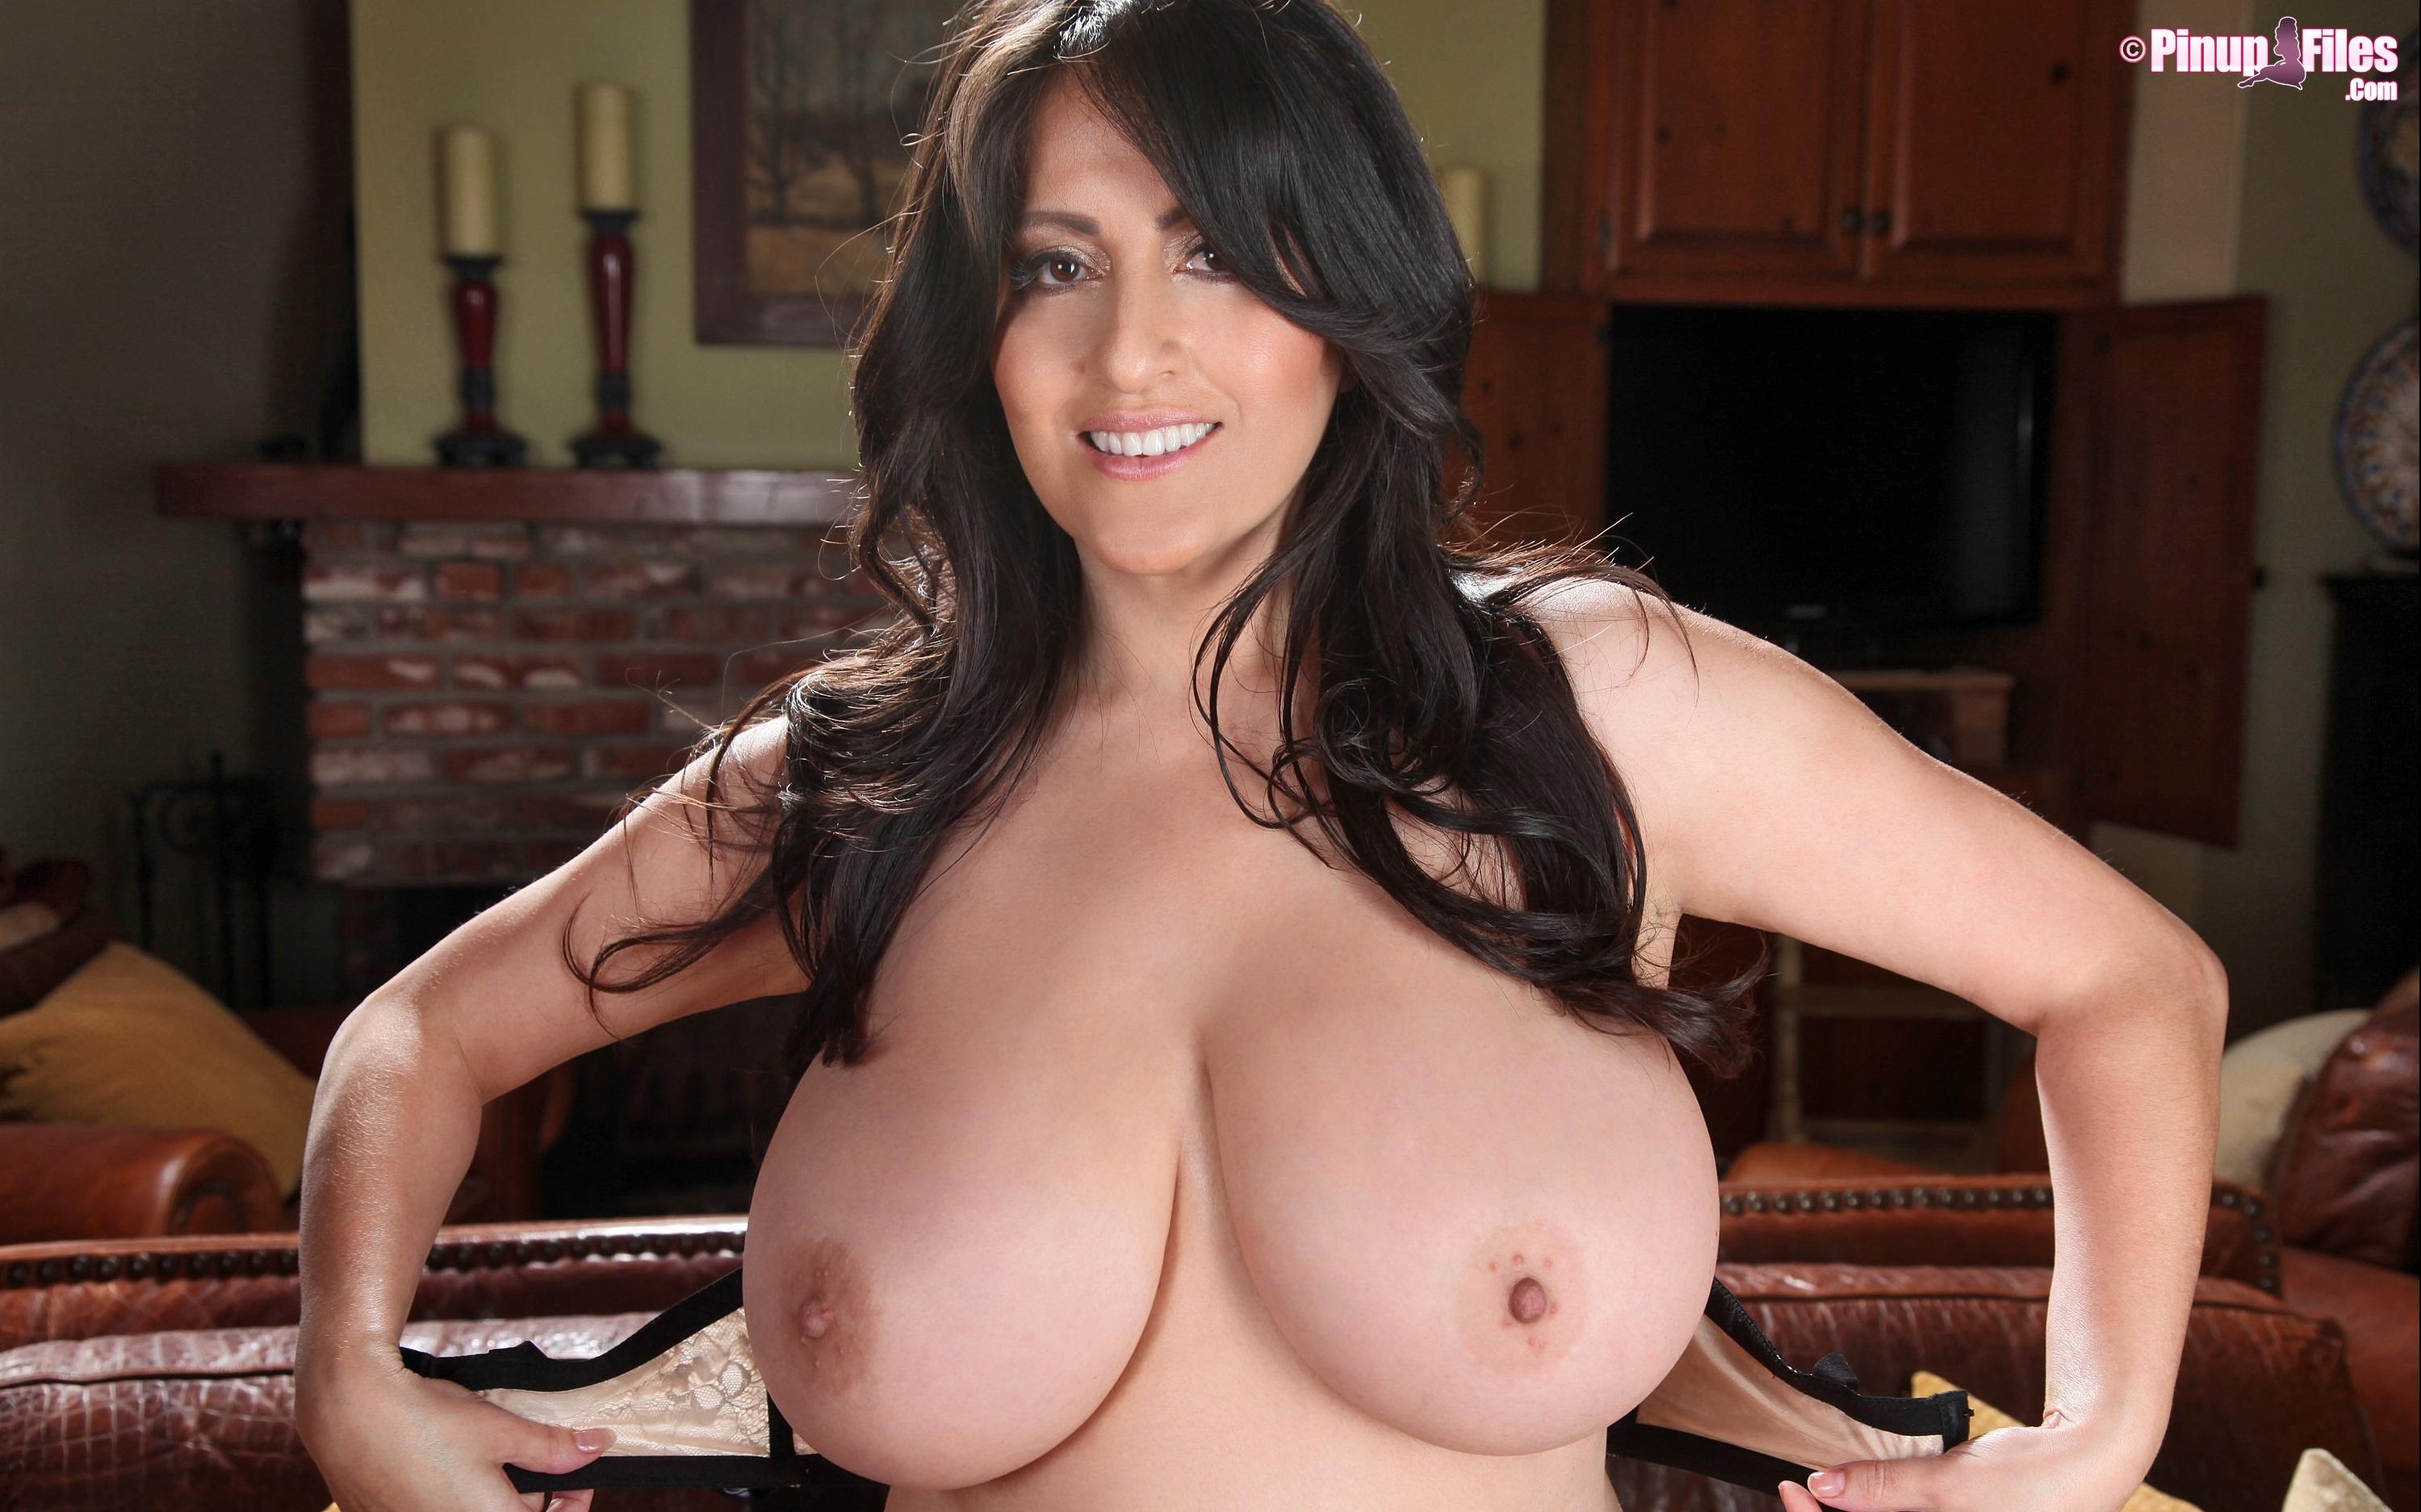 Big boobs - big bigger biggest